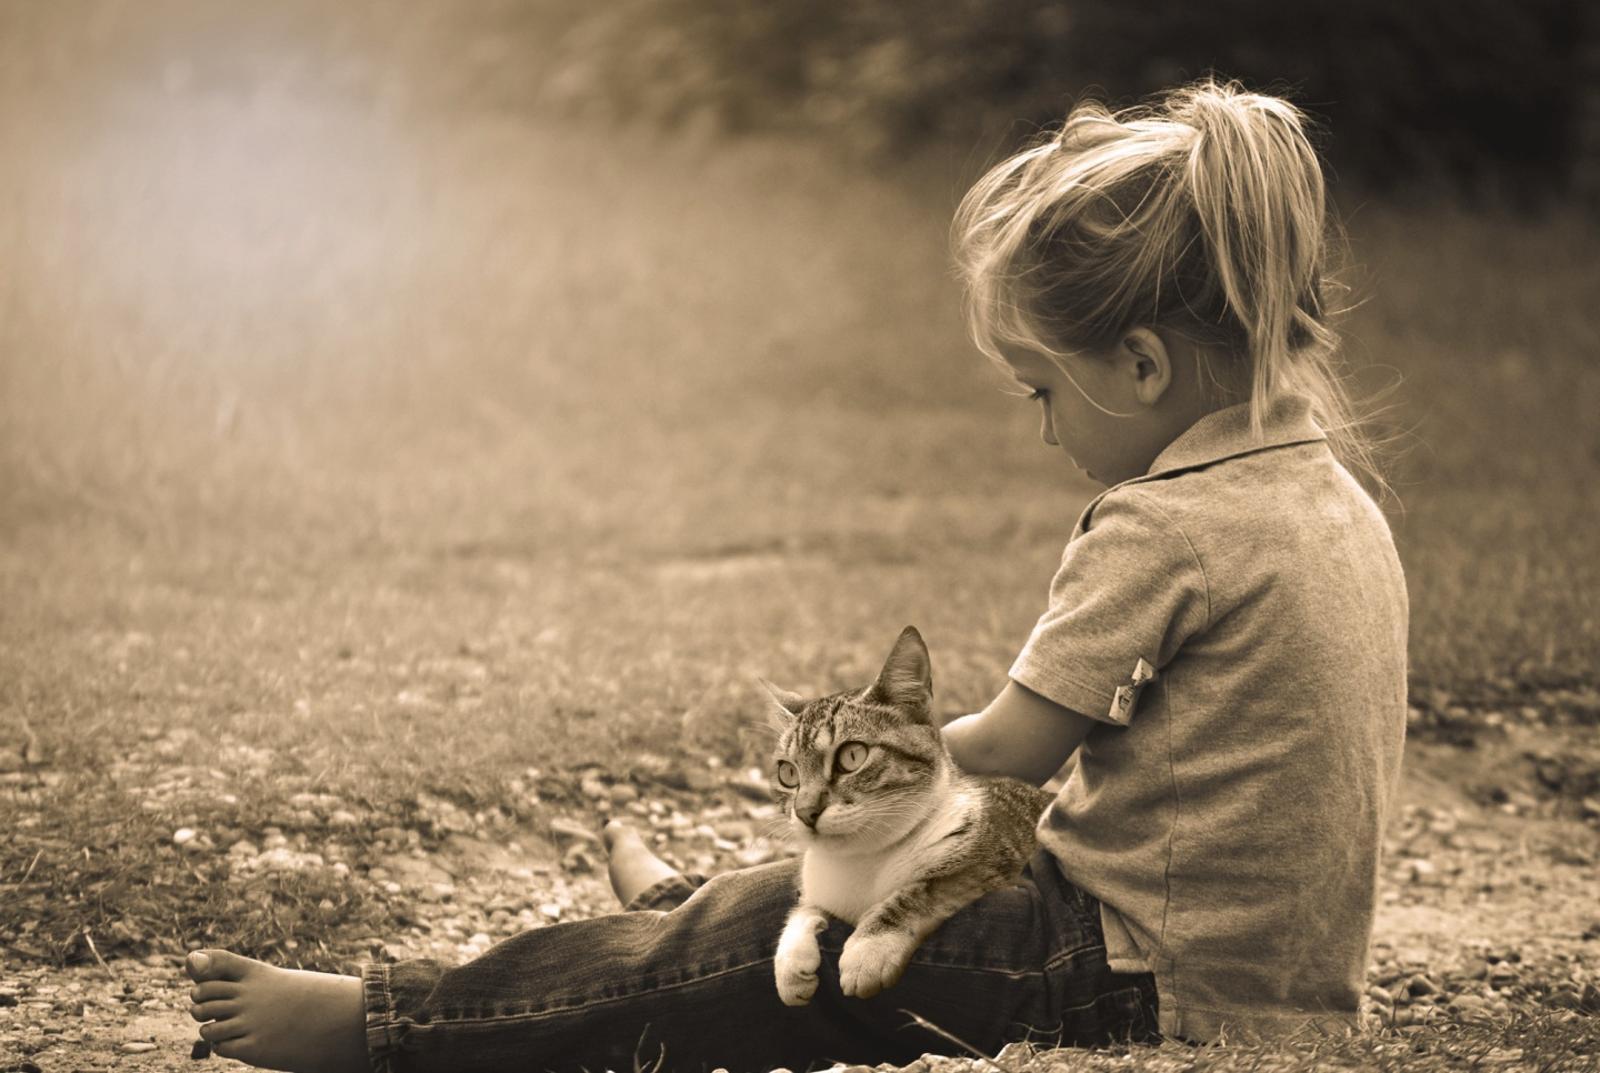 Как воспитывать ребенка, чтобы он потом не жаловался психотерапевту на плохих родителей: 7 важных советов